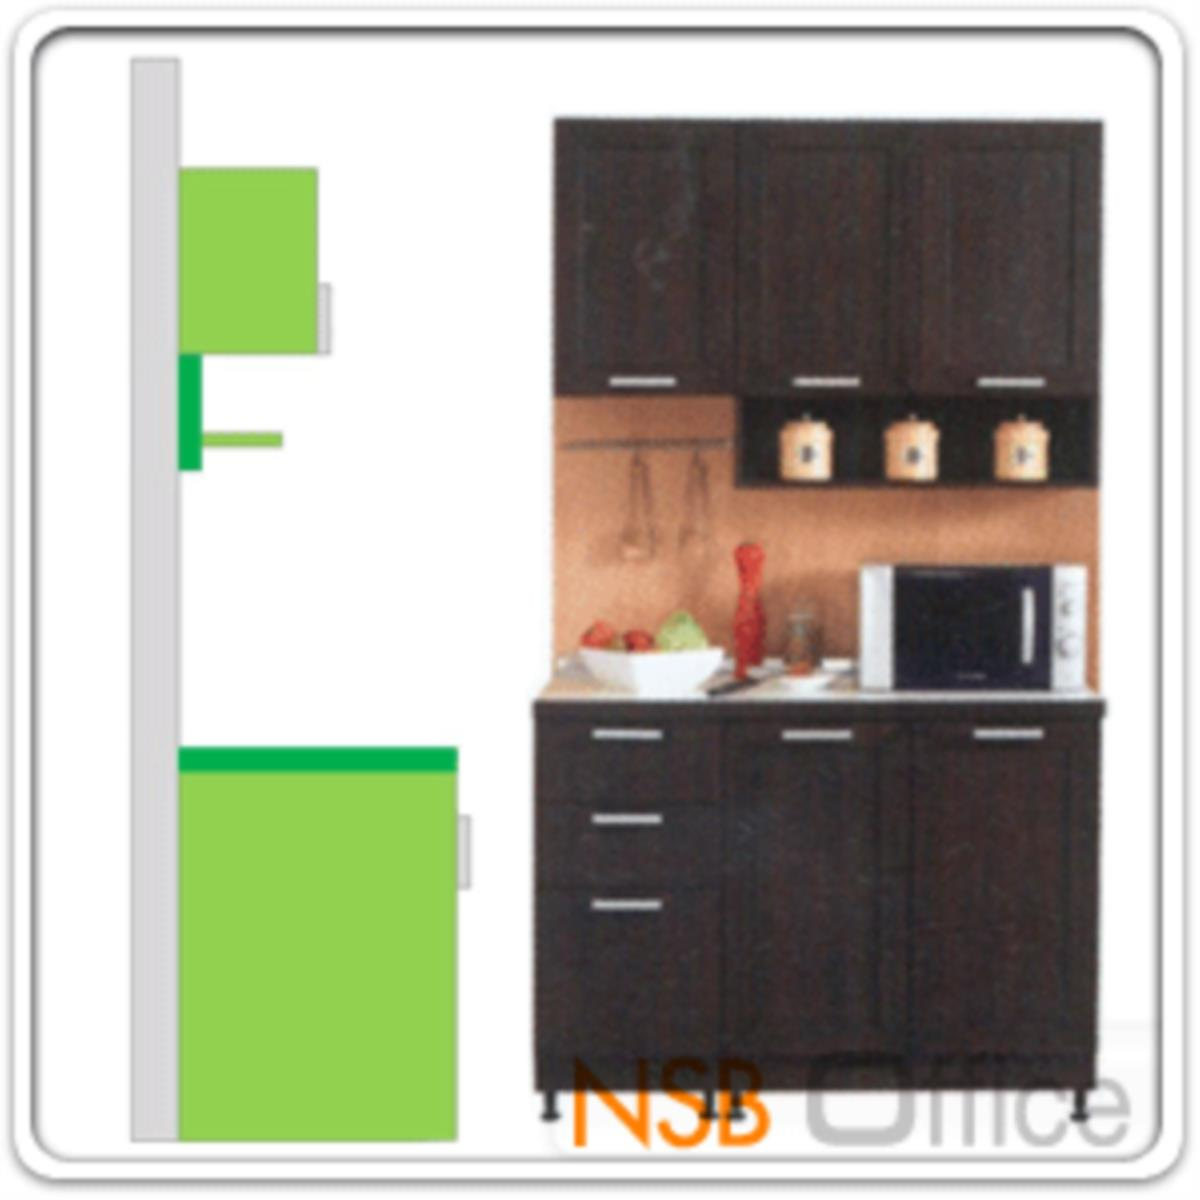 ชุดตู้ครัวหน้าเรียบ 120W cm. รุ่น STEP-002 พร้อมตู้แขวนลอย